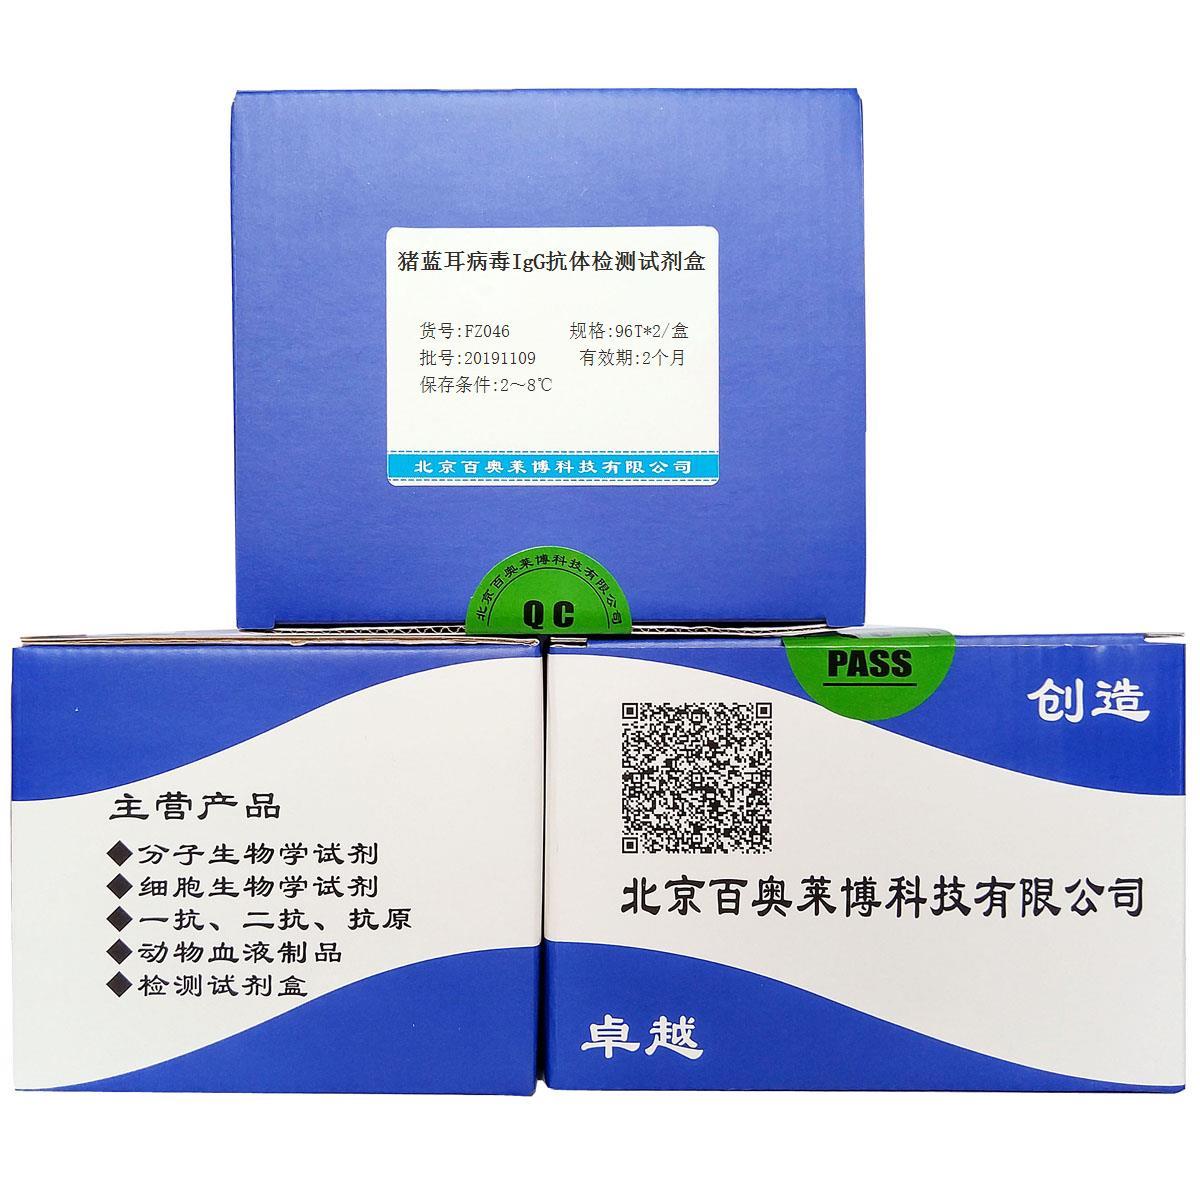 猪蓝耳病毒IgG抗体检测试剂盒现货供应